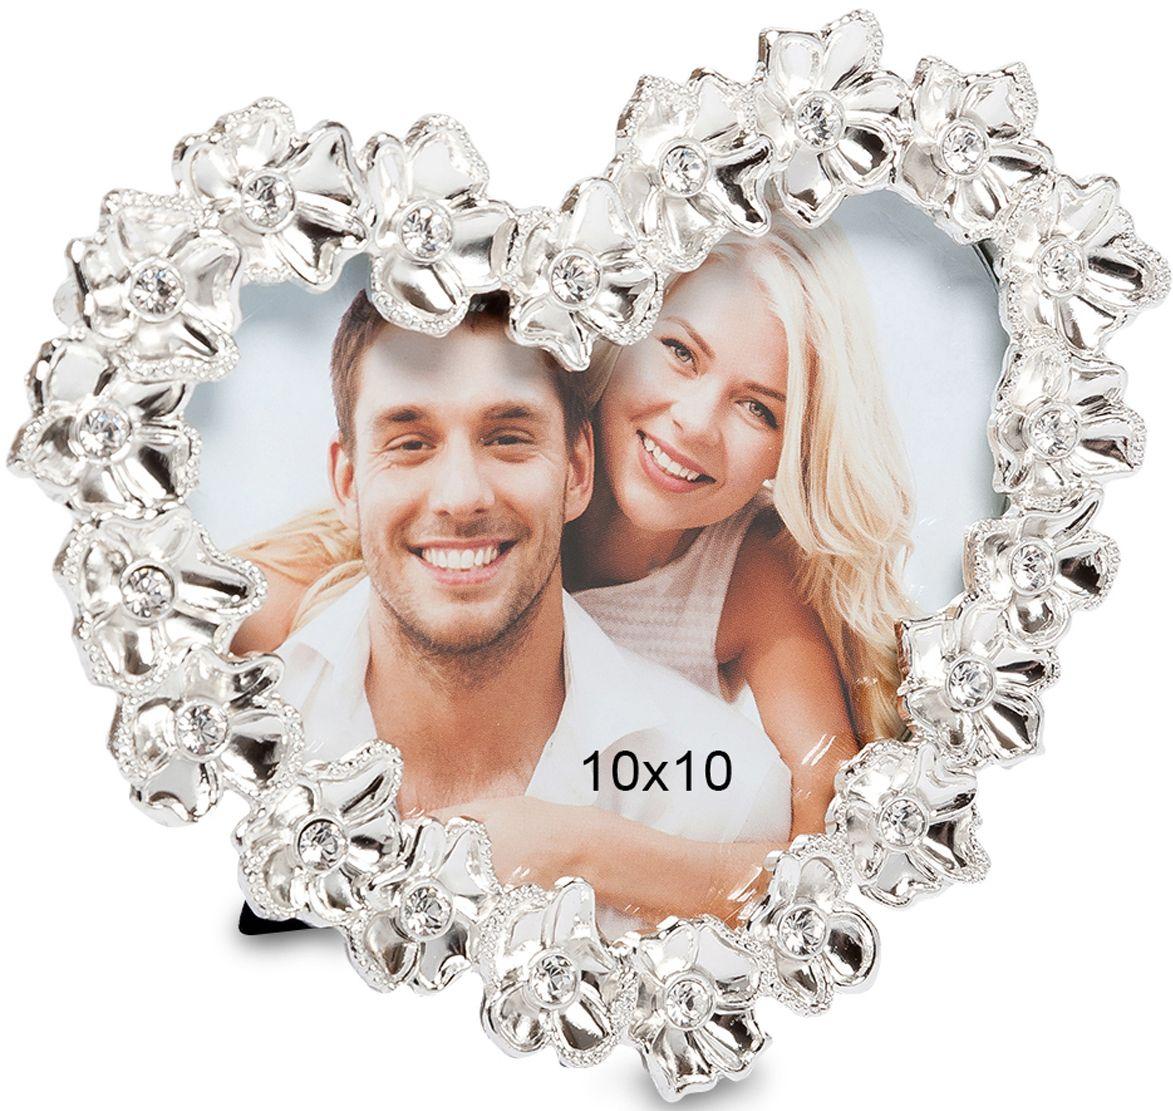 Фоторамка Bellezza Casa Цветочное сердце, фото 10х10. CHK-197CHK-197Фоторамка сердце для фотографий 10х10 см.Металлическая фоторамка Цветочное сердце украшена изысканными белоснежными цветами. Создает обстановку вечной романтики. Изящно обрамляет снимки счастливых влюбленных пар. Поставленная в спальне или гостиной, рамка великолепно отражает светлую любовь владельцев дома. Помогает надолго сохранить теплые взаимоотношения. Станет изумительным подарком любимому в День Влюбленных, на дату знакомства или годовщину бракосочетания.